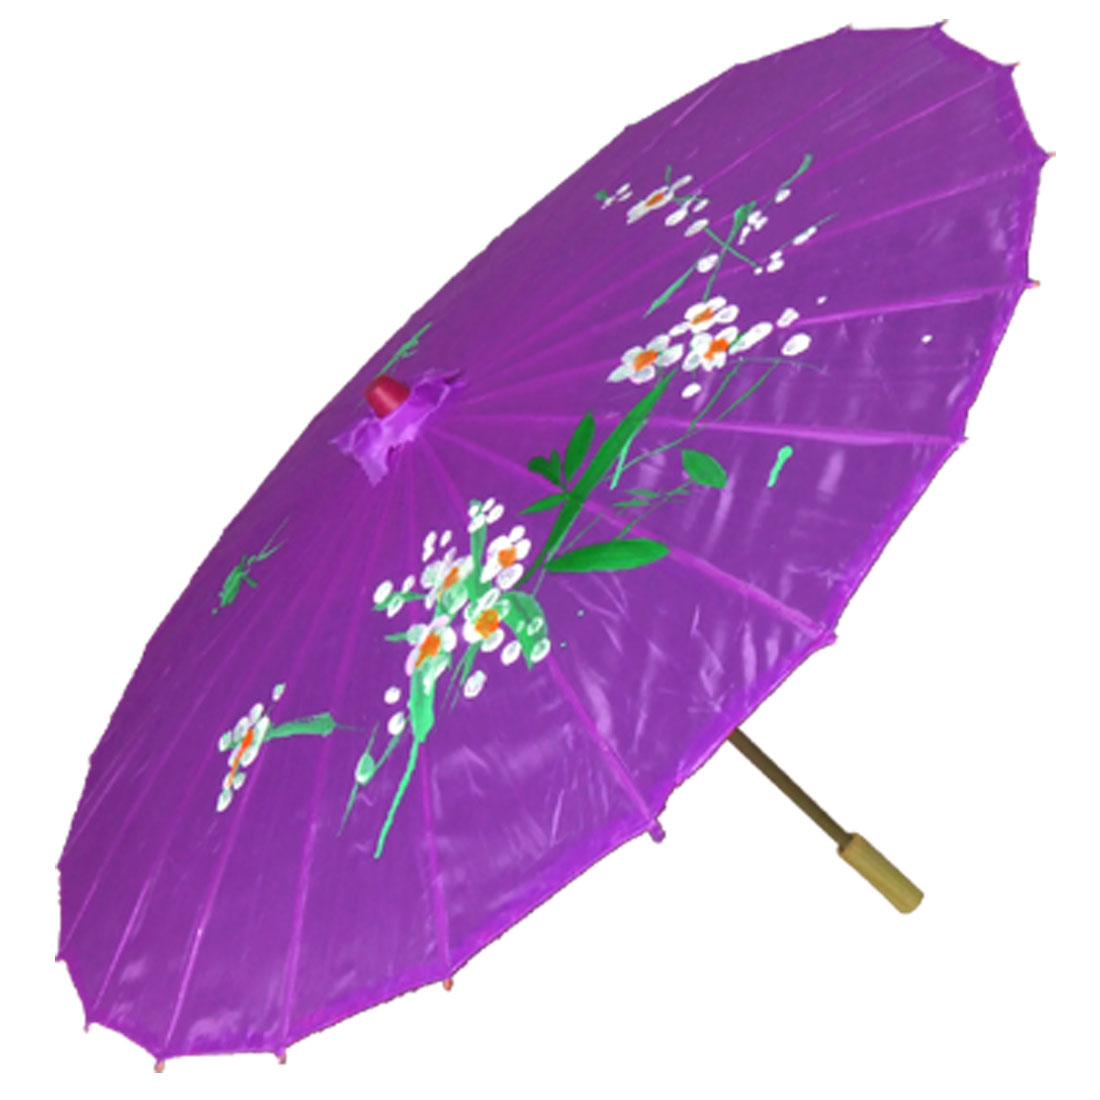 Flower Print Purple Semi Sheer Dancing Parasol Umbrella